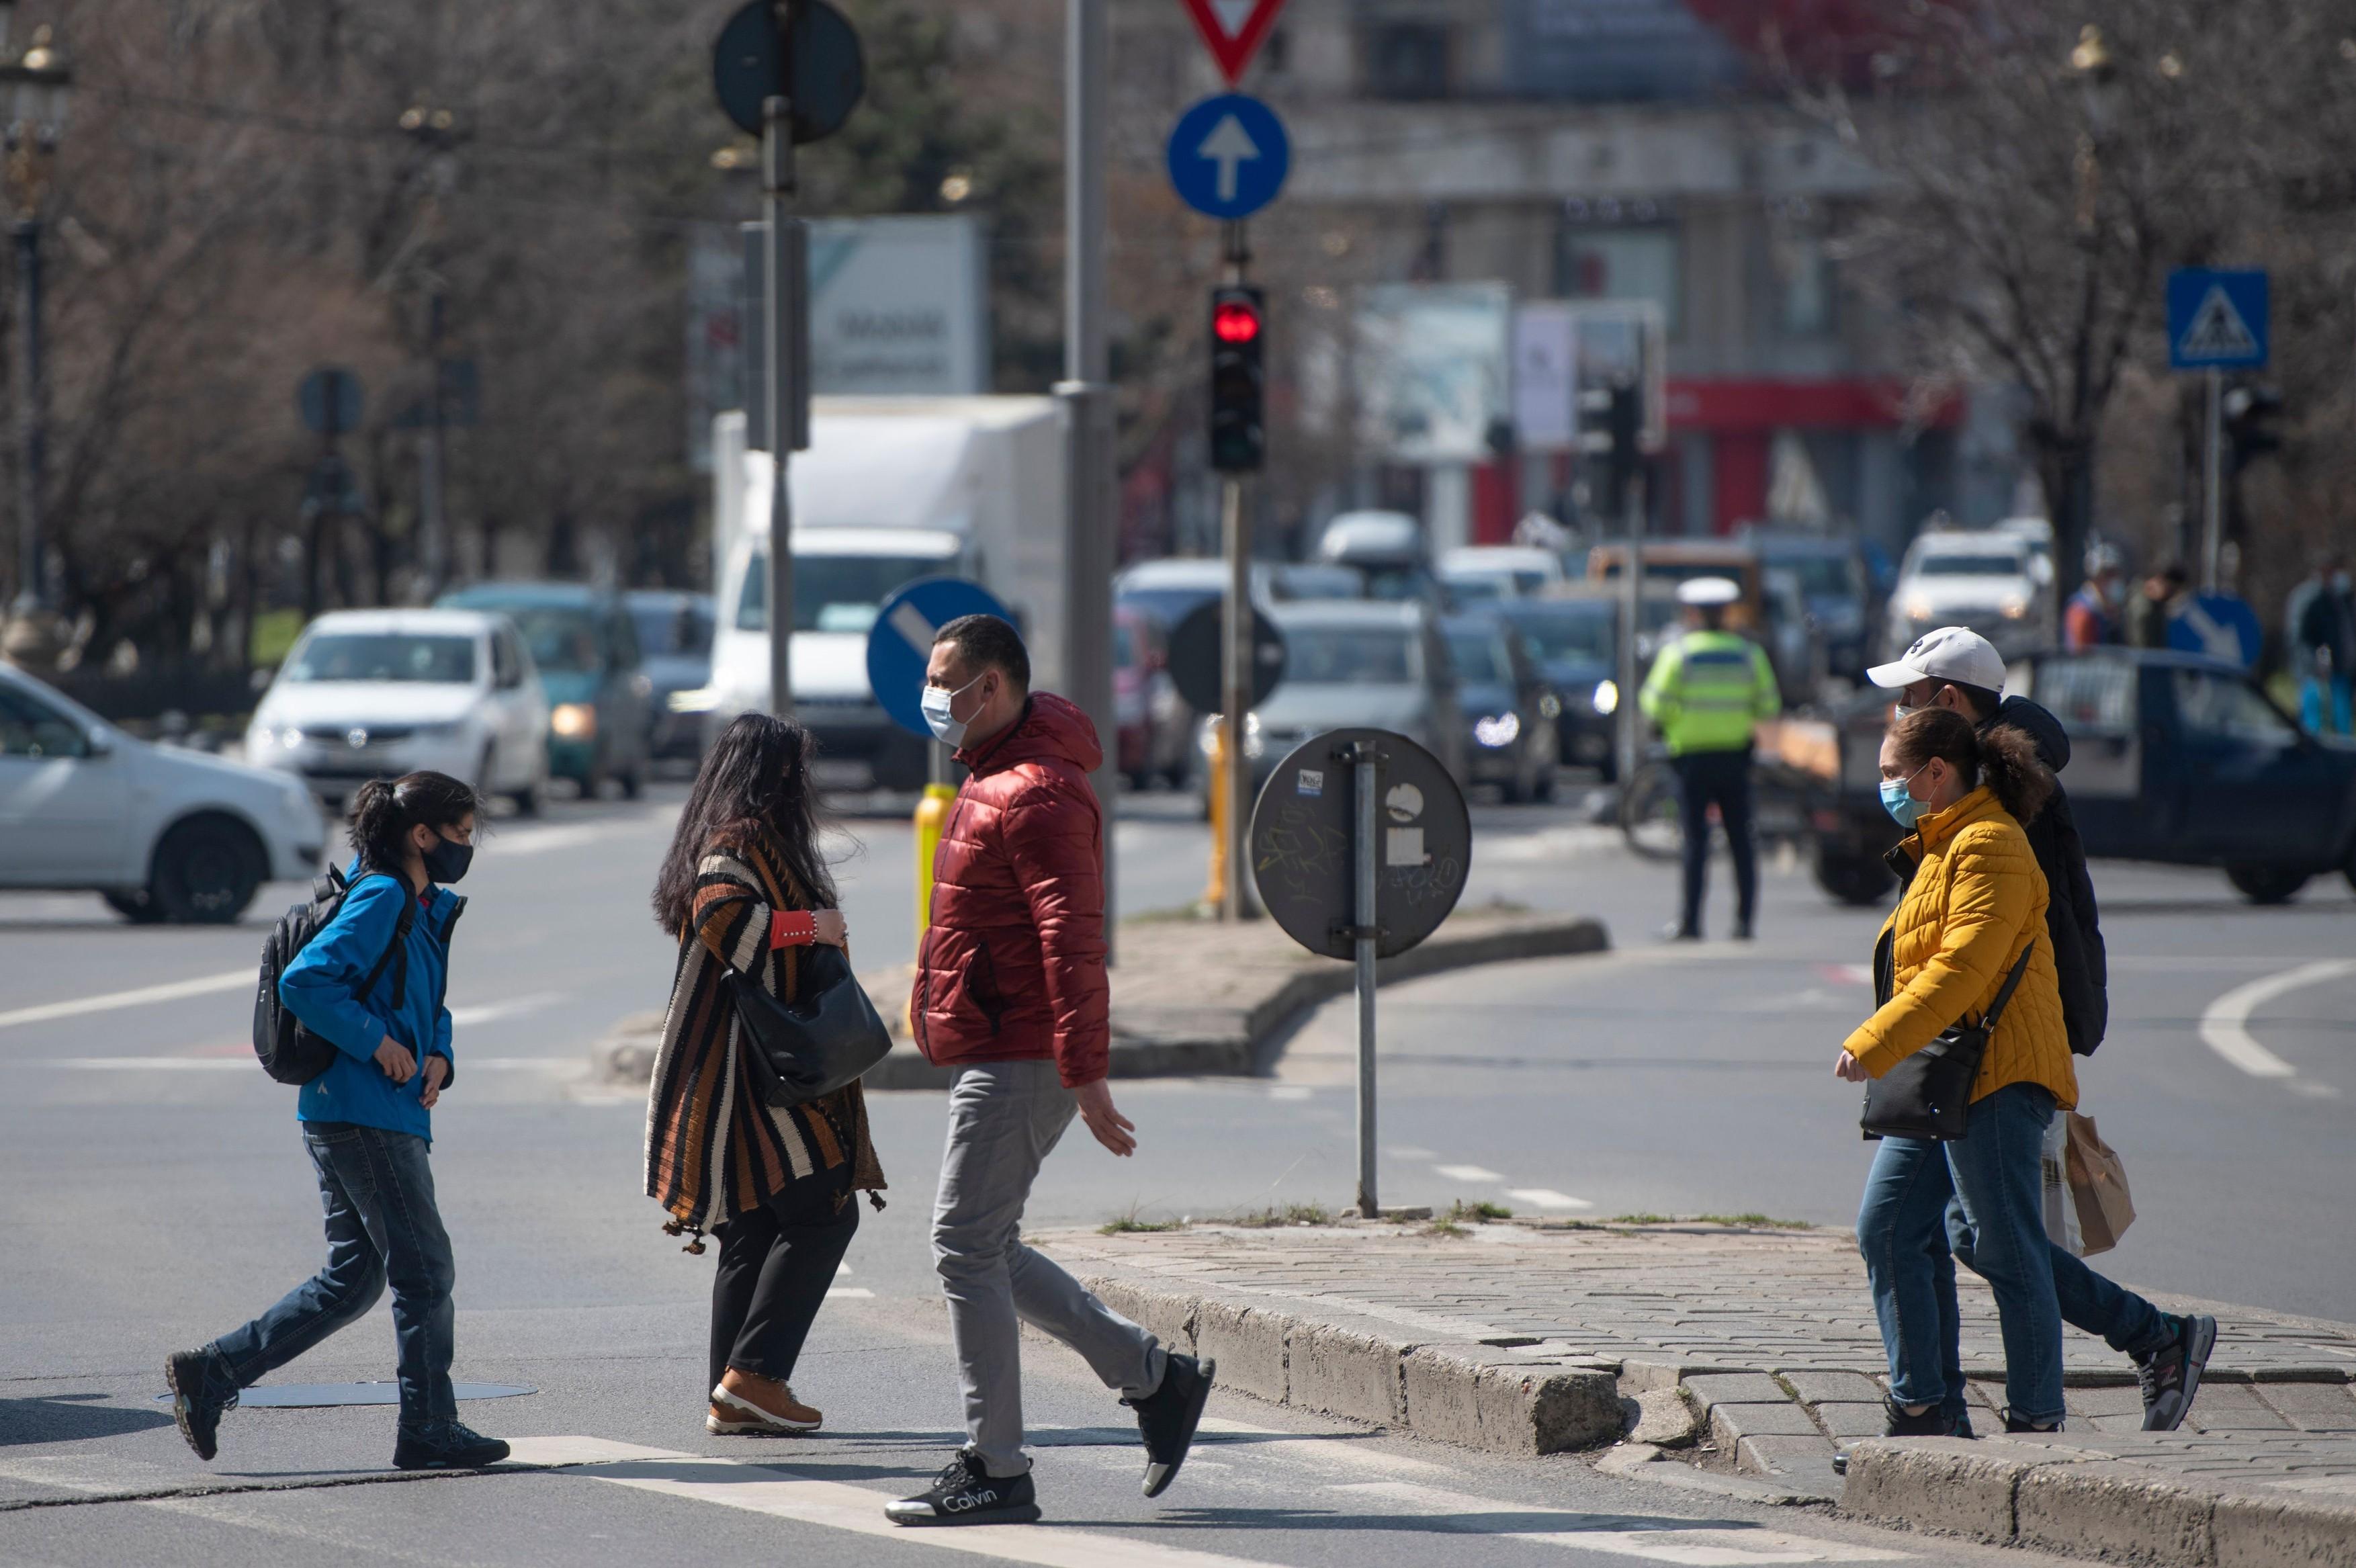 CORONAVIRUS România 14 mai 2021. TOP cazuri COVID-19 raportate în 24 de ore. Incidenţa în Capitală continuă să scadă: 1,2 la mia de locuitori